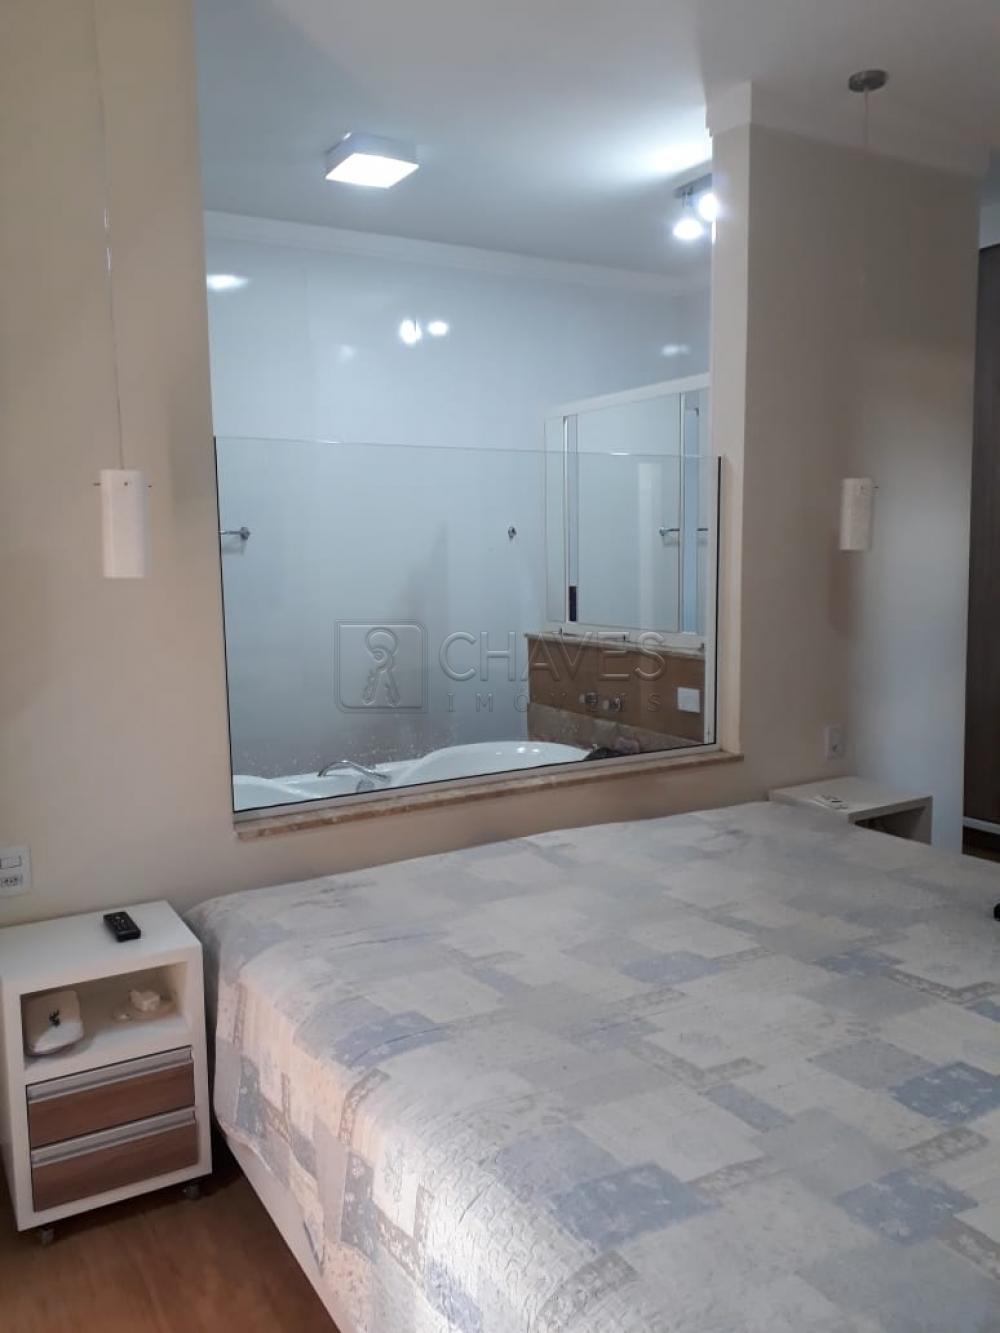 Comprar Casa / Condomínio em Ribeirão Preto apenas R$ 730.000,00 - Foto 17